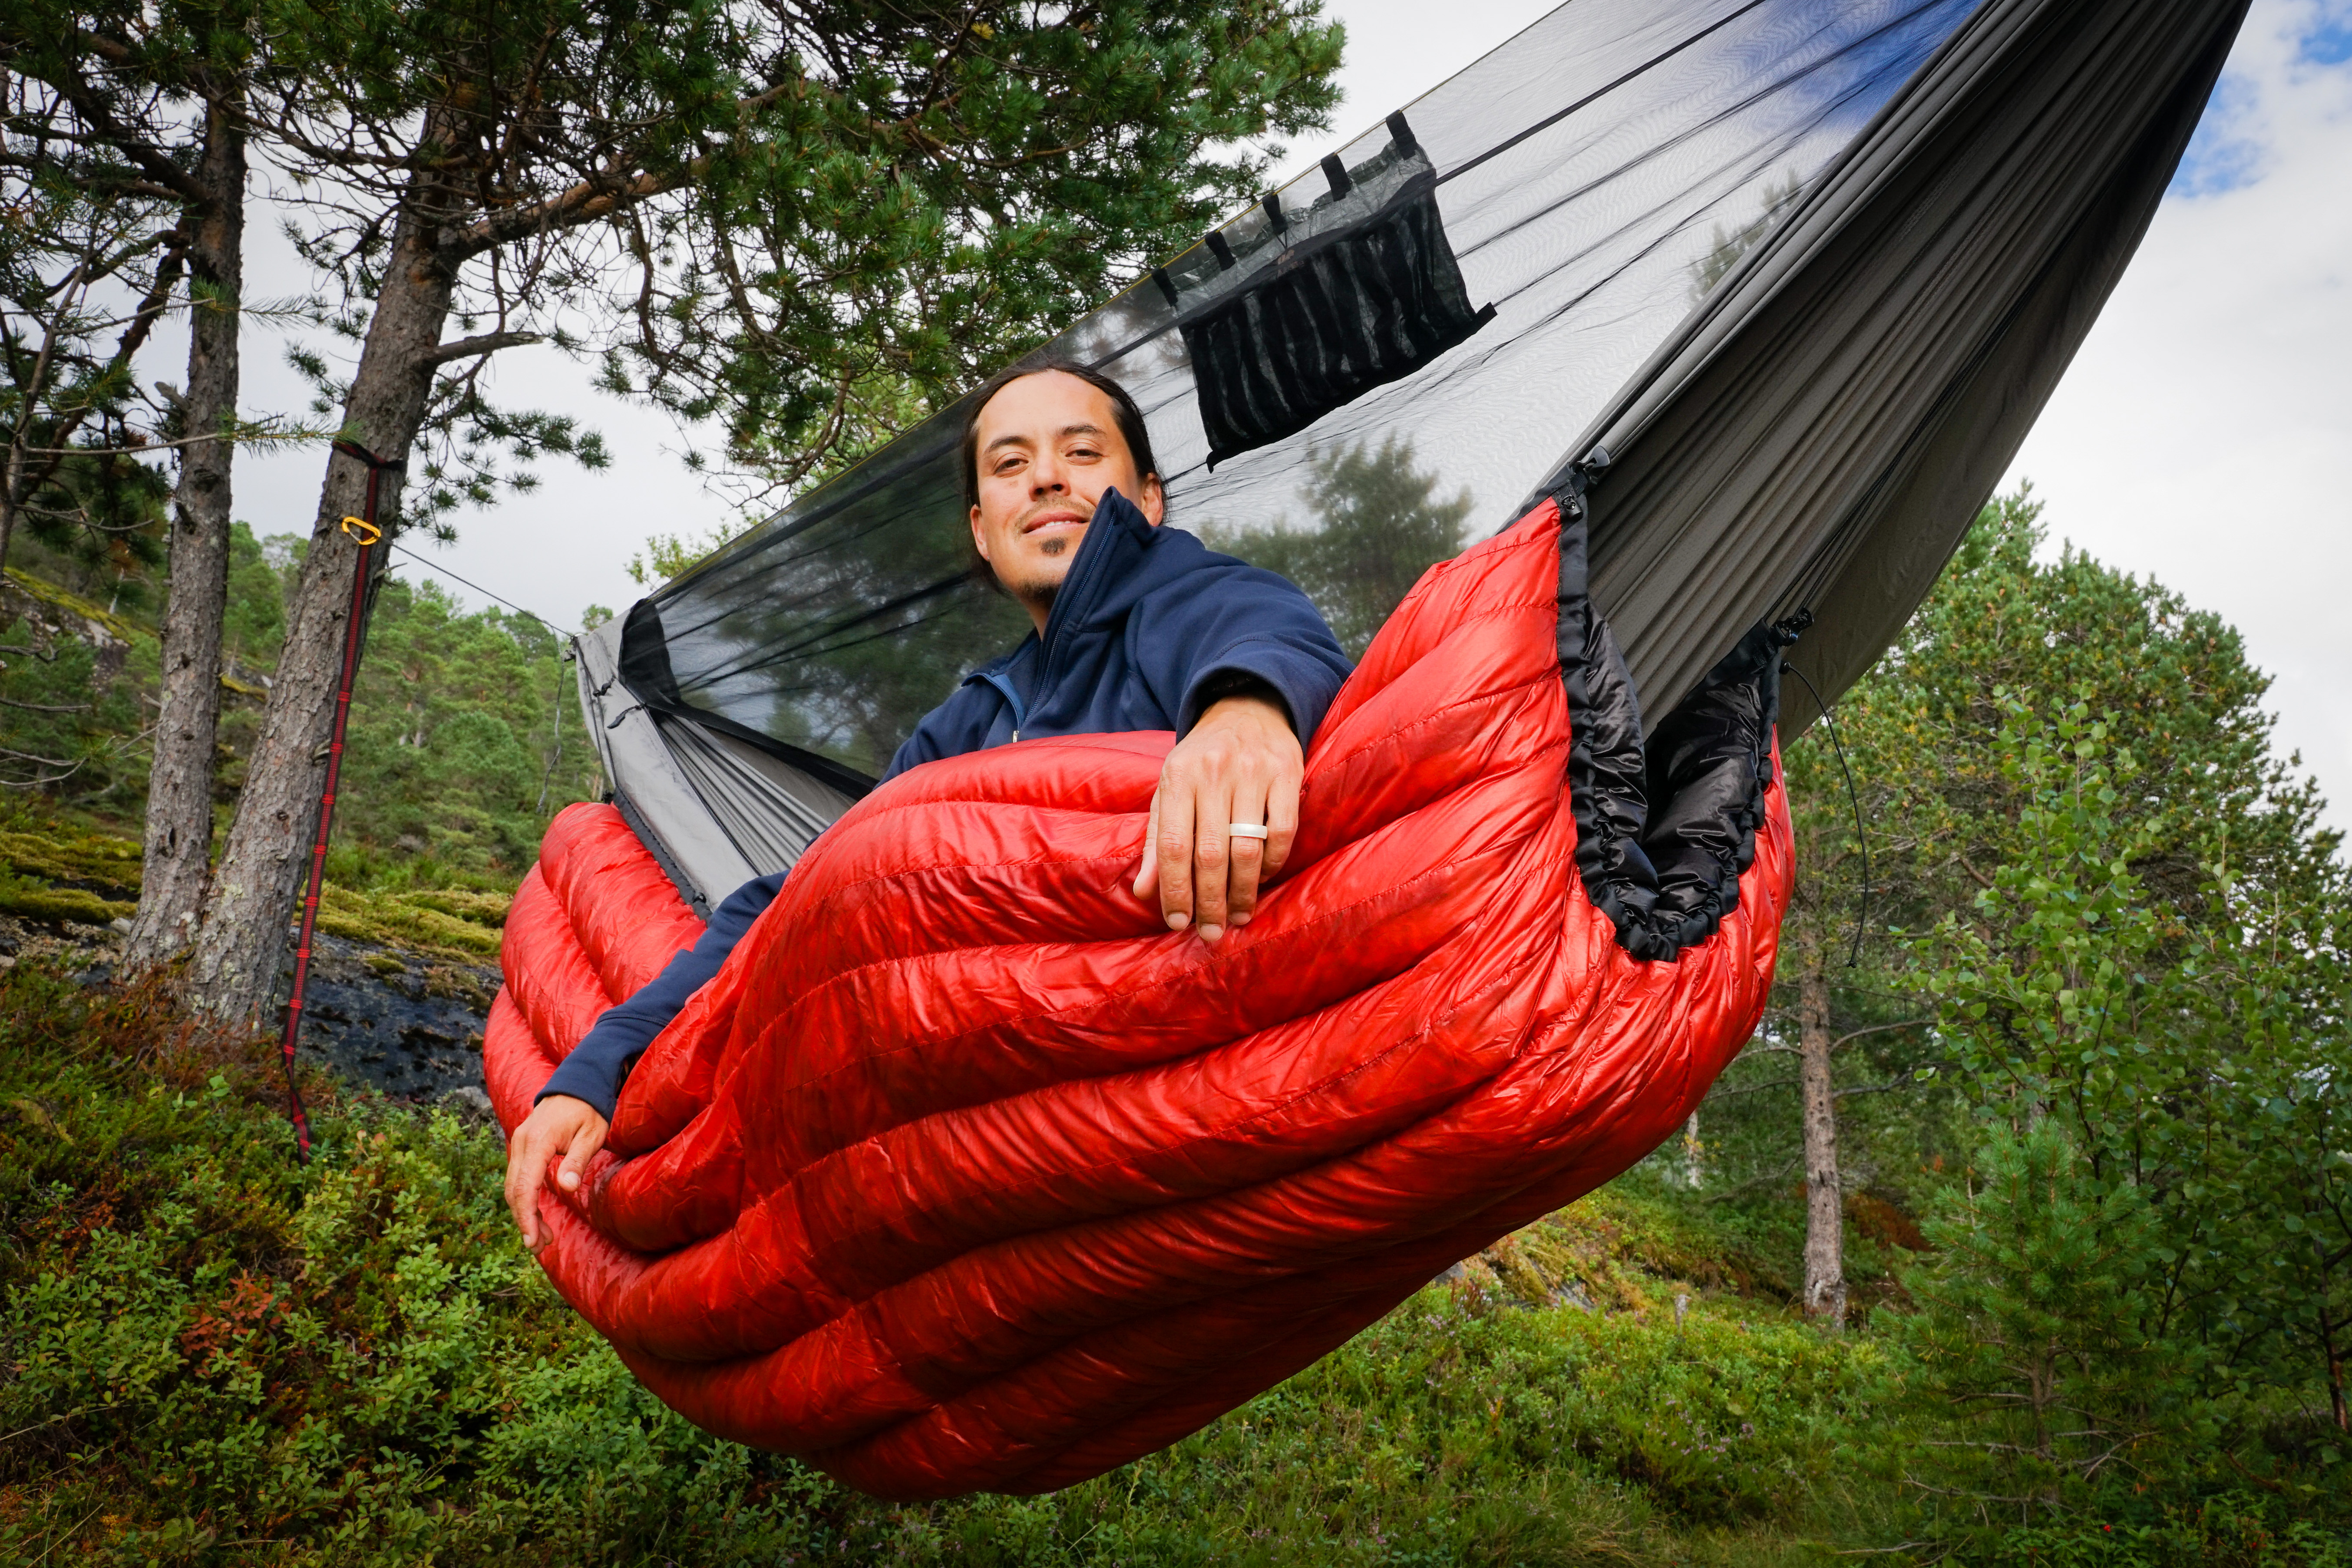 hammock-gear-oscar-manguy-1-4.jpg